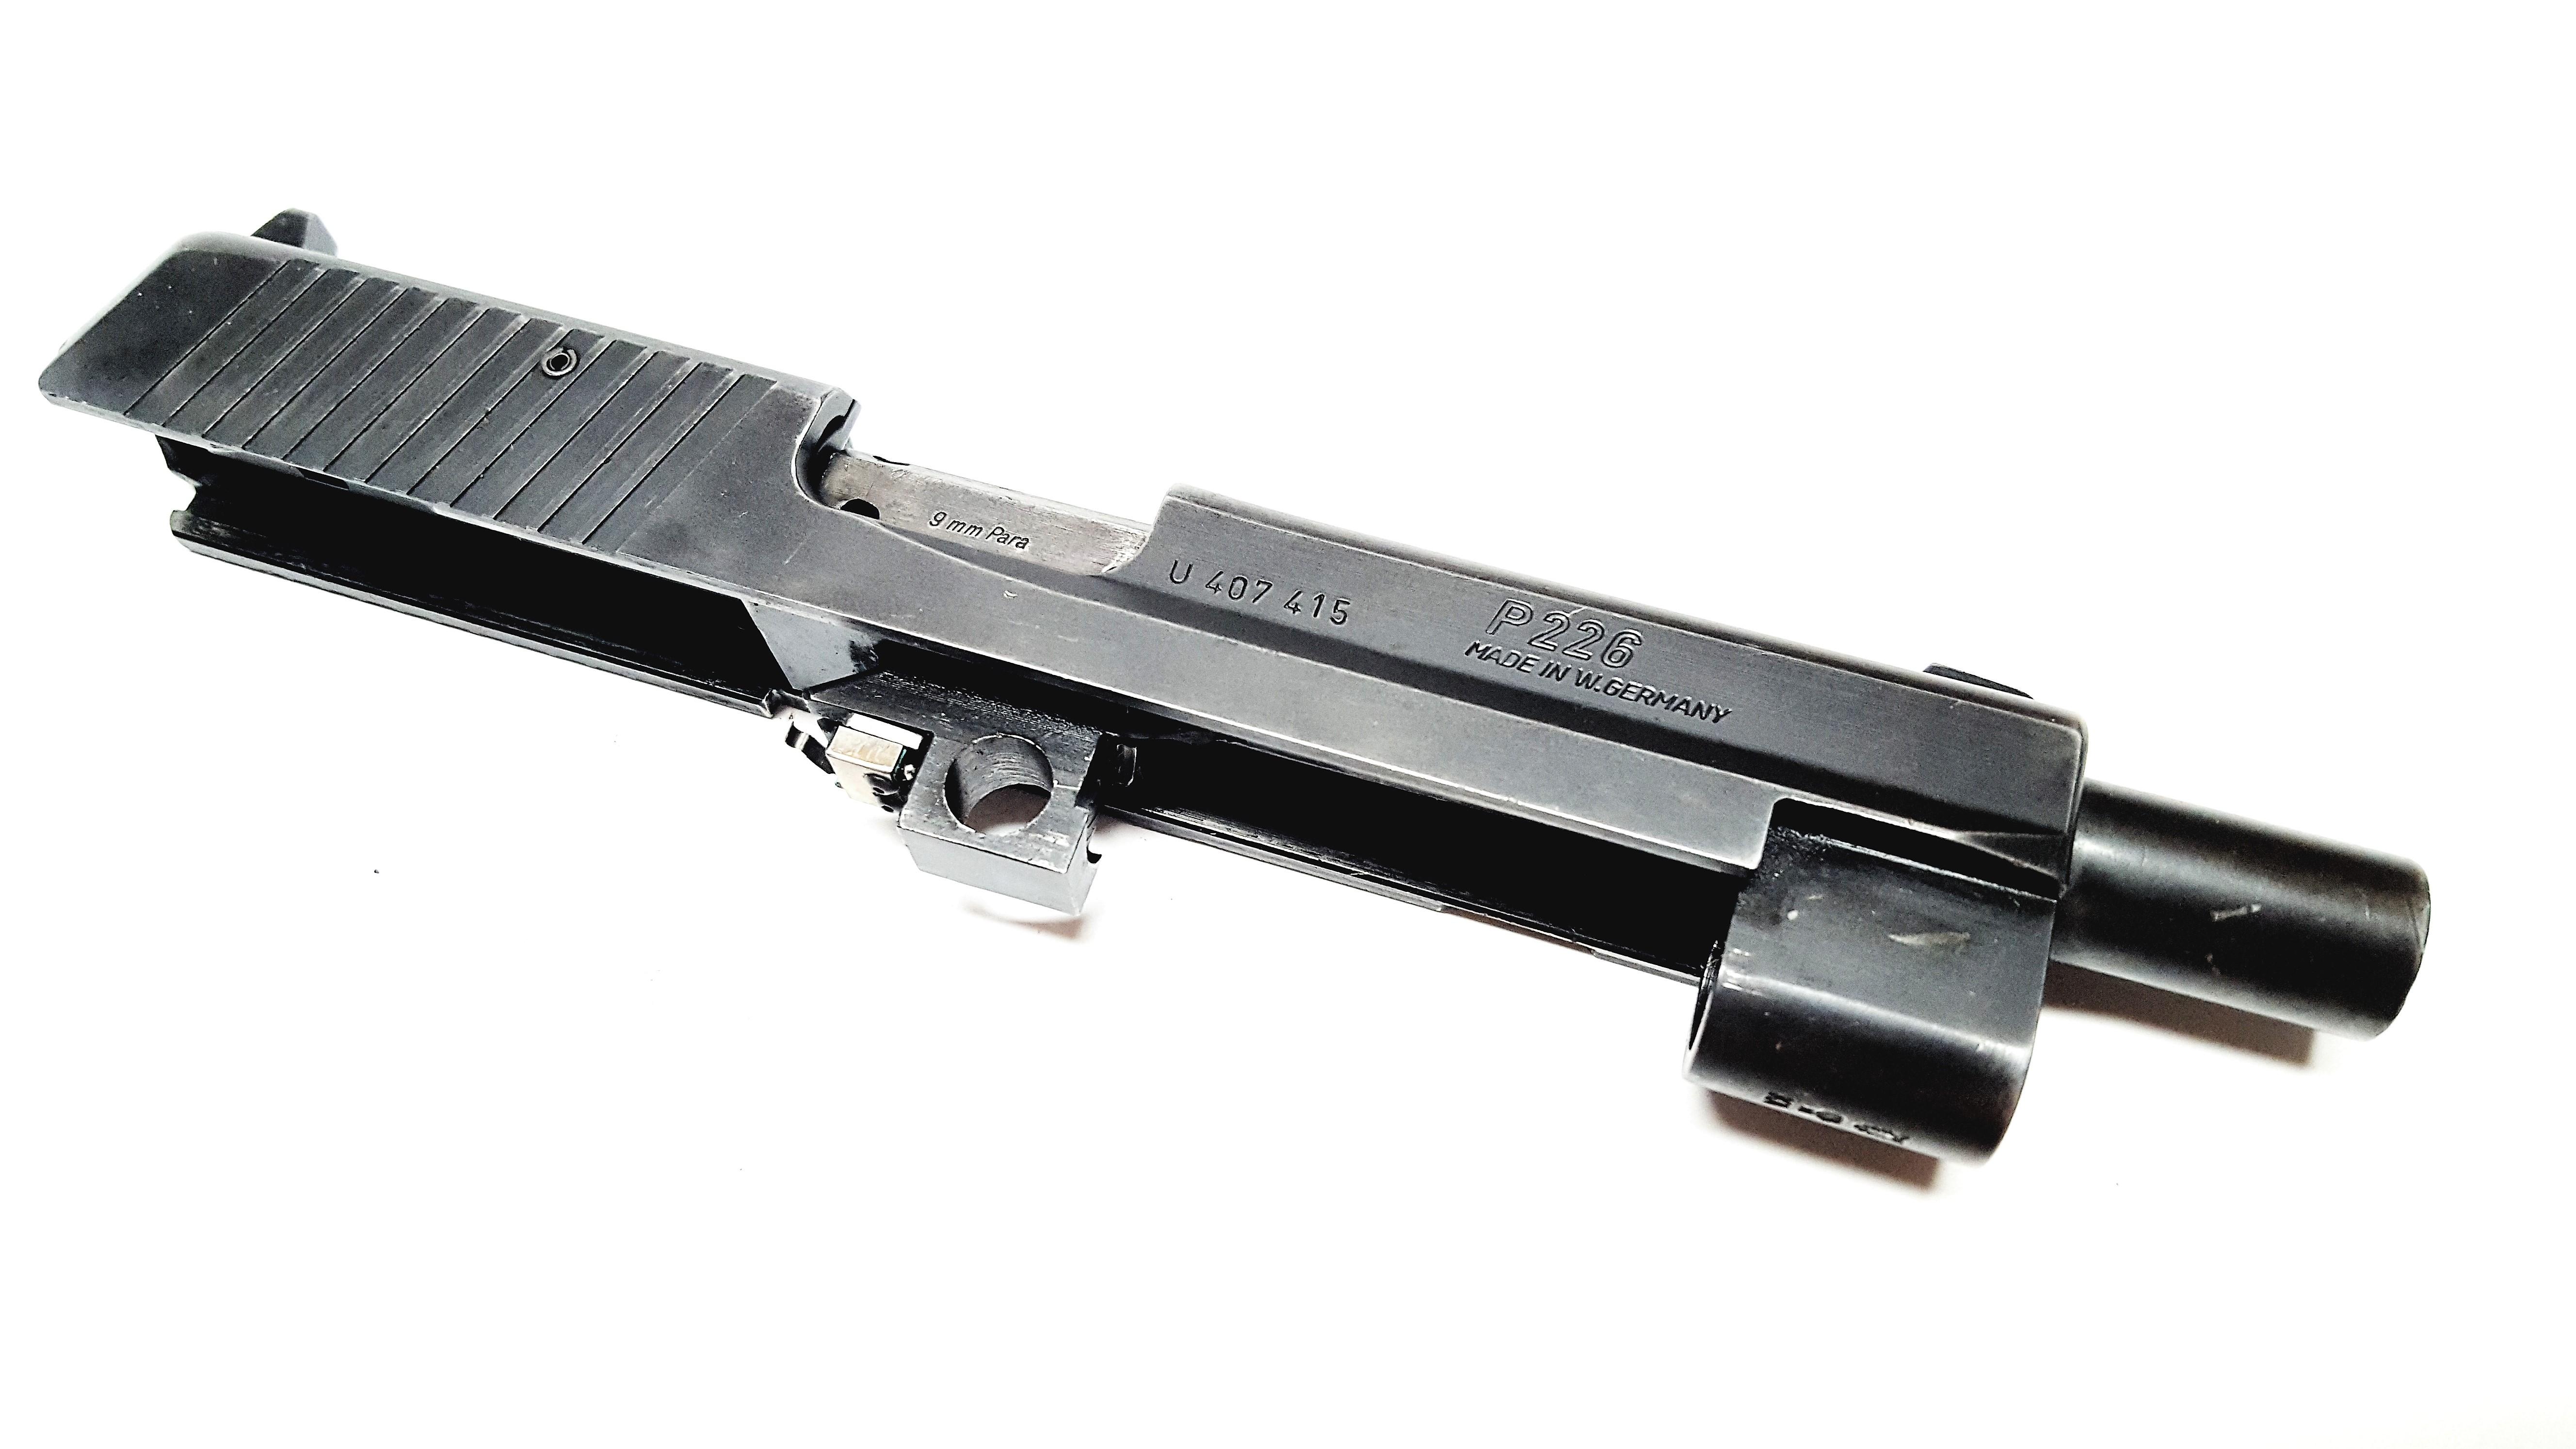 Sig P226 Barrel Slide Assembly Parts Kit - F A T S Laser Kit